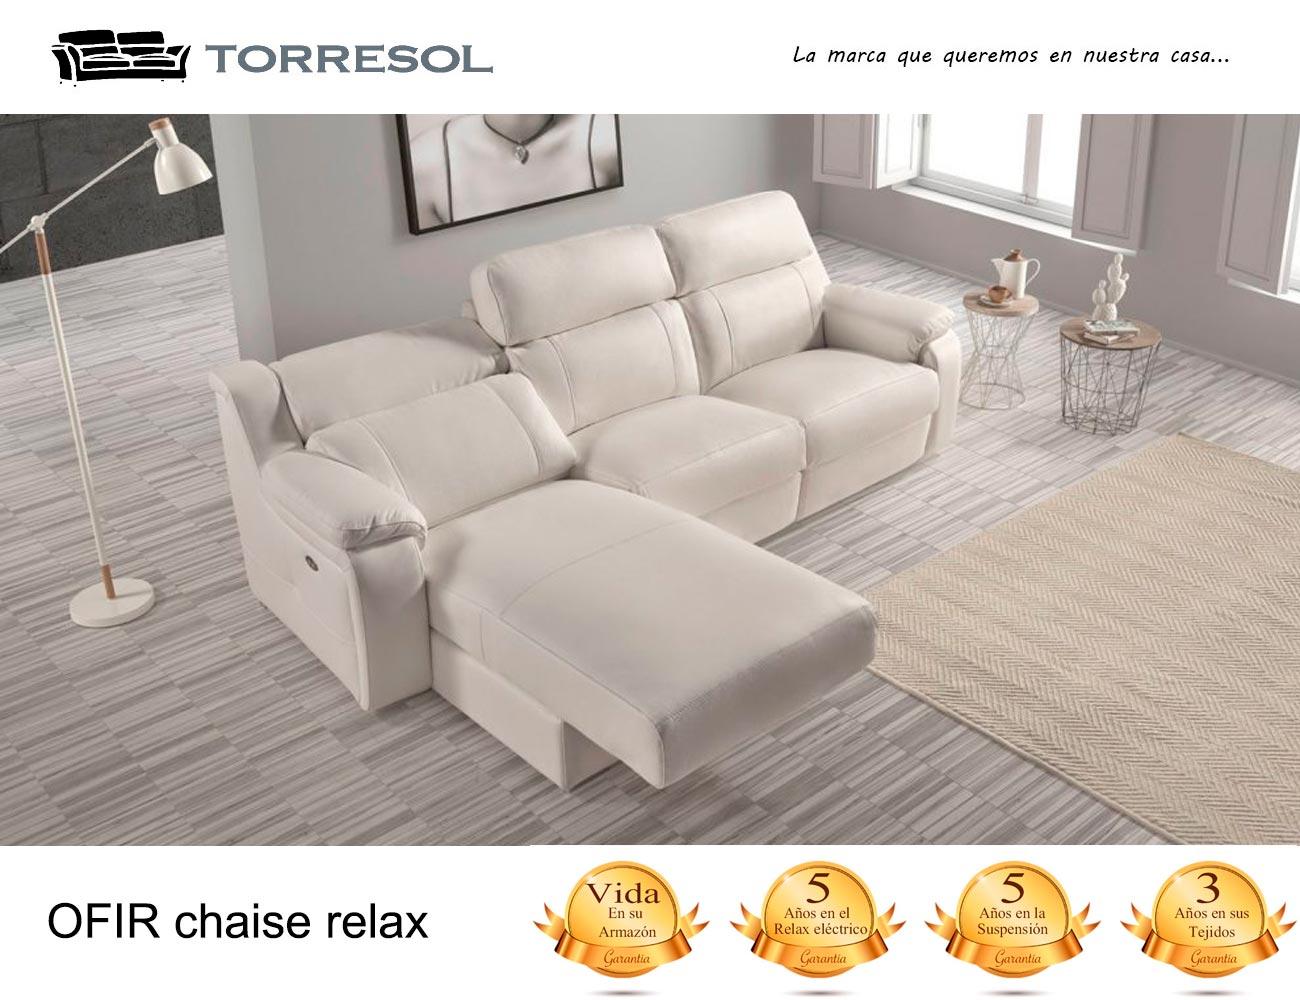 Sof ofir de torresol en piel 23769 factory del mueble - Factory del sofa sevilla ...